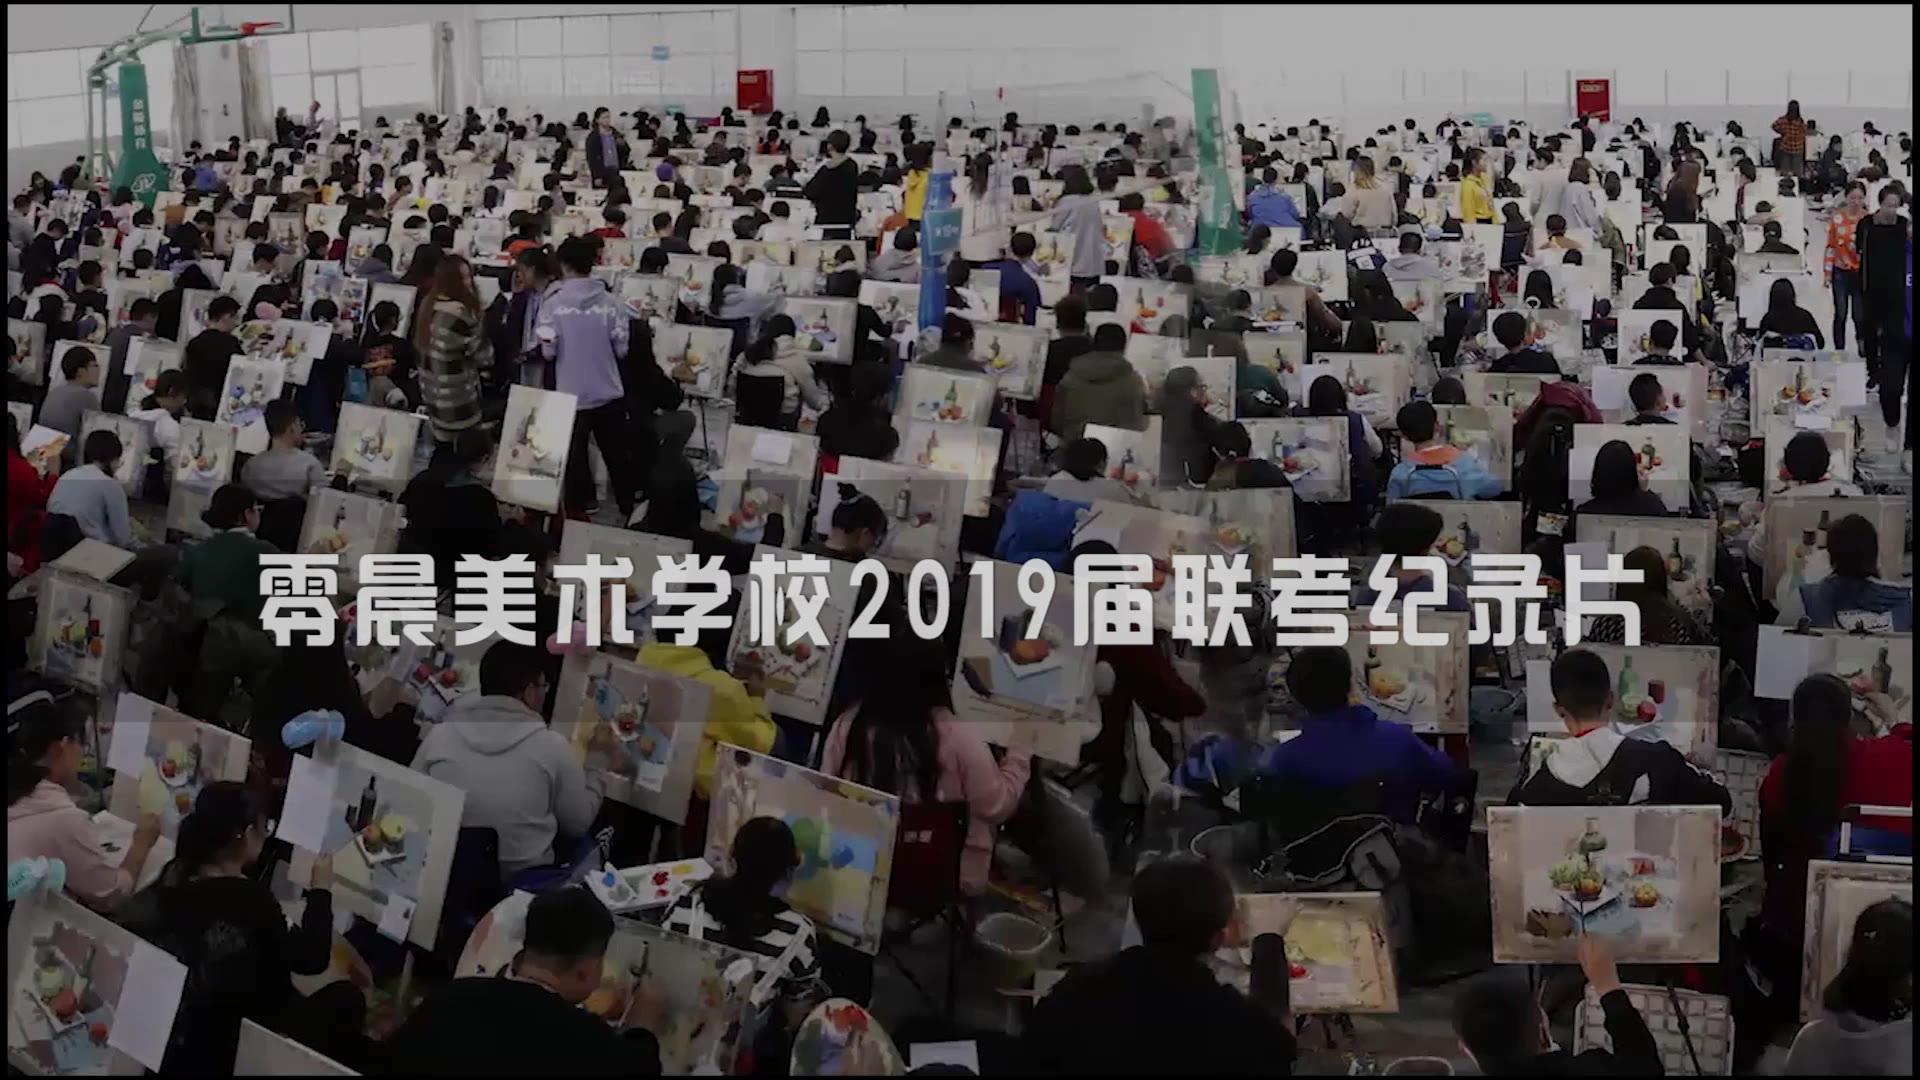 零晨美术学校2019届联考纪录片